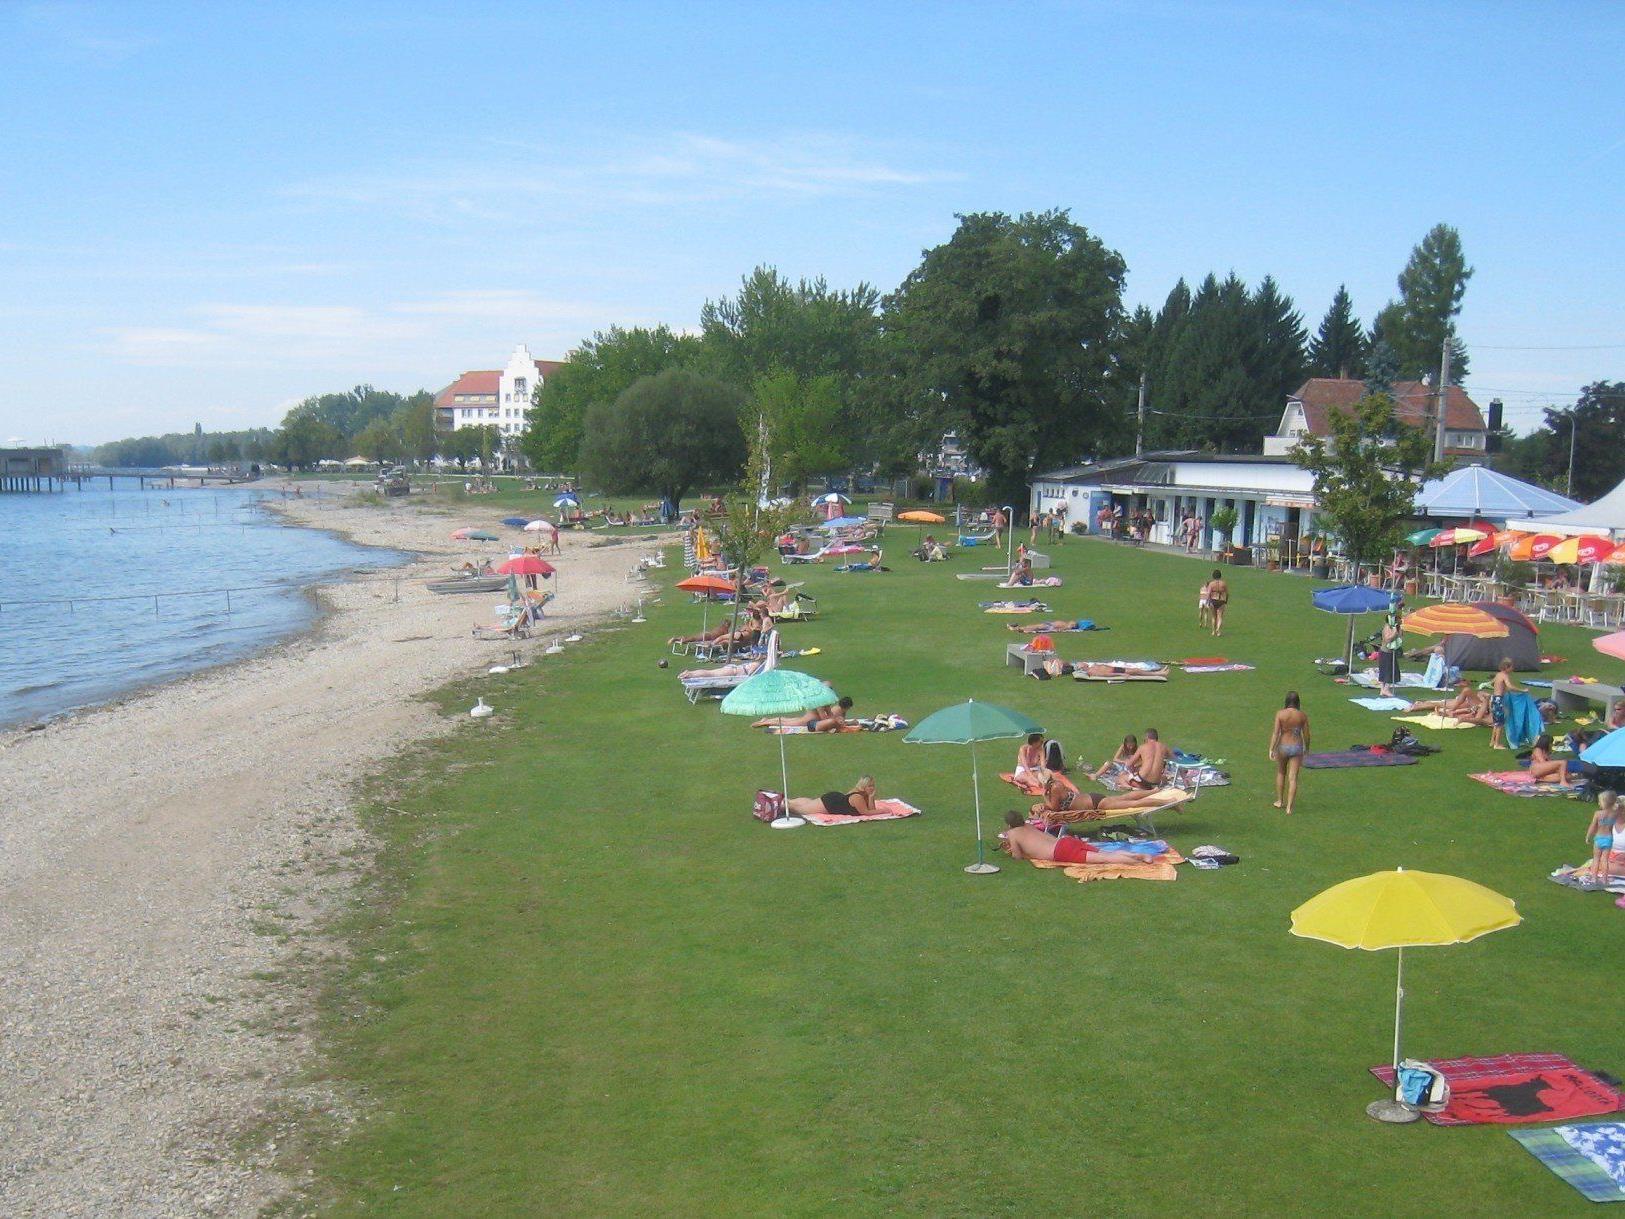 Der Badesommer lässt sich im Lochauer Strandbad mit all seinen Angeboten so richtig genießen.